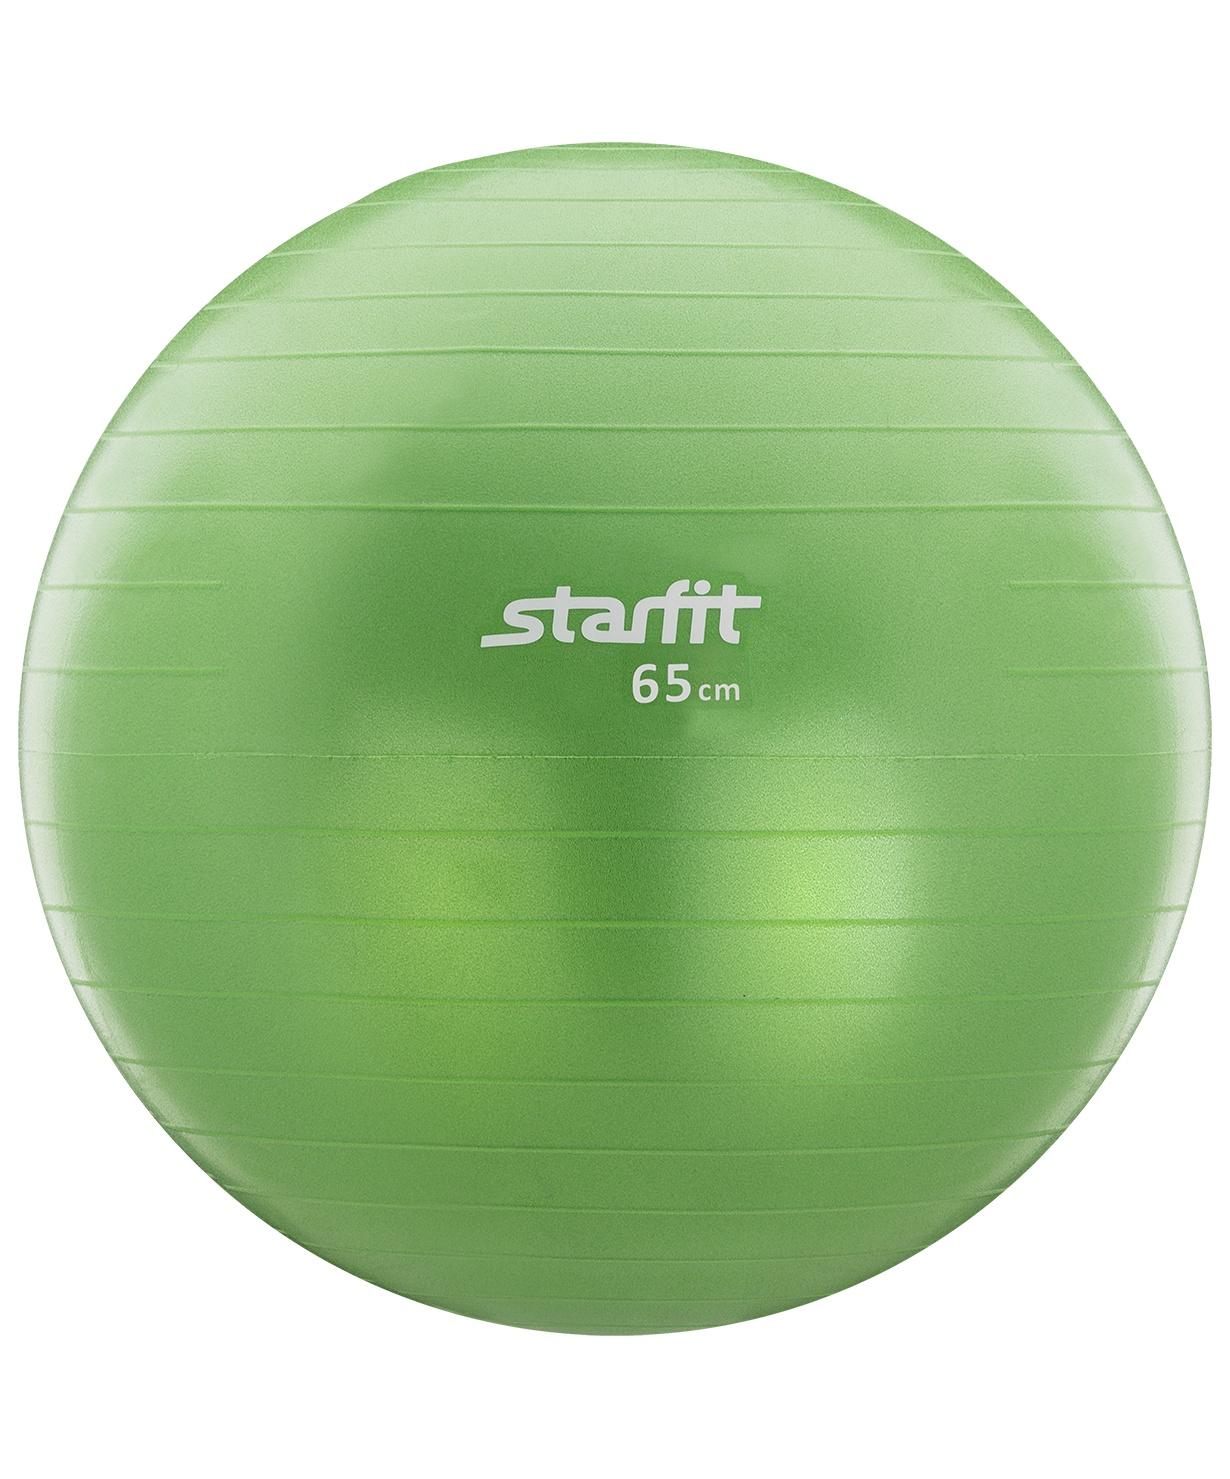 Мяч гимнастический STARFIT GB-101 65 см, зеленый (антивзрыв) starfit мяч гимнастический массажный gb 301 65 см фиолетовый антивзрыв